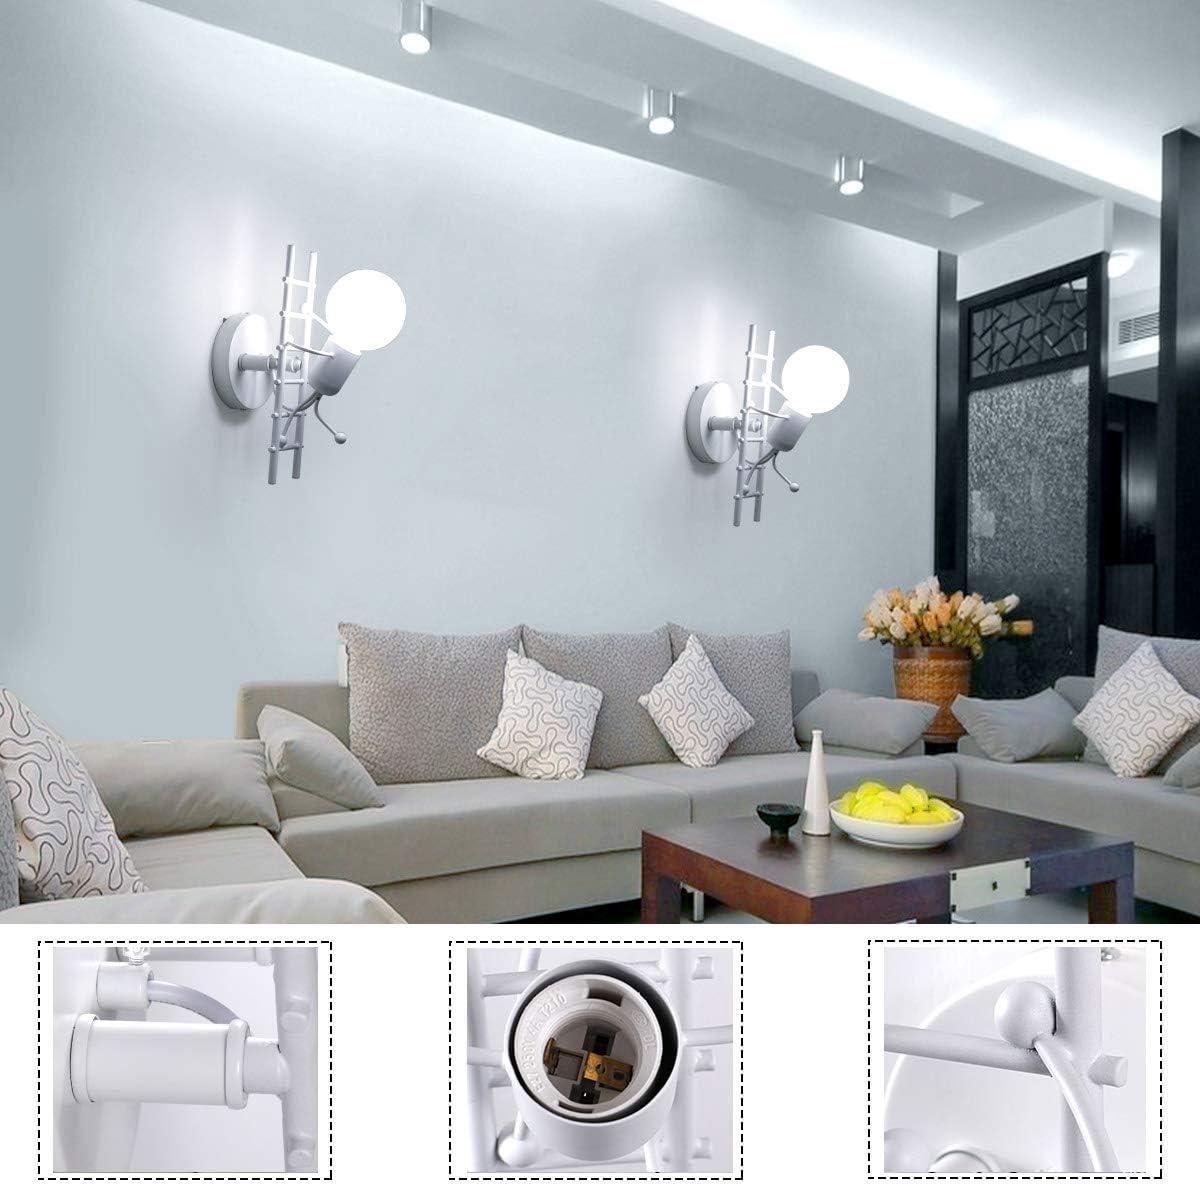 HAWEE Humanoid Kreative Wandleuchte Innen Wandlampe Modern Kerze Wandleuchte Art Deco Max 60W E27 Basis Eisen Halter für Kinderzimmer, Schlafzimmer, Wohnzimmer, Treppe, Flur, Restaurant Weiß